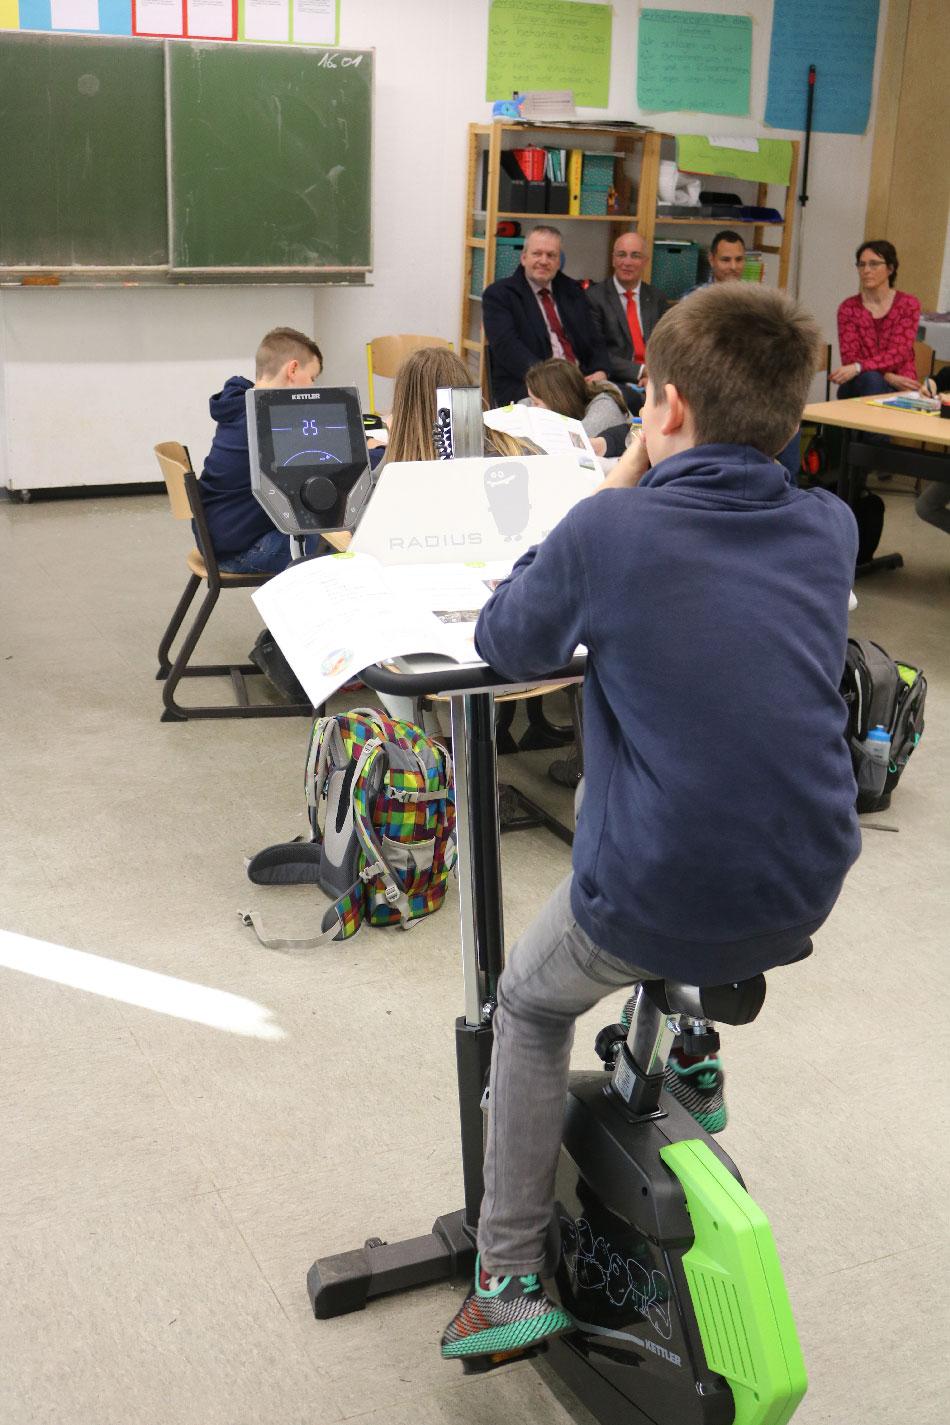 """Die Gäste (im Hintergrund) konnten sich bei der Einweihung in der Klasse 5a ein Bild davon machen, wie """"Bewegtes Lernen"""" in Arbeitsphasen funktioniert  Die Gäste (im Hintergrund) konnten sich bei der Einweihung in der Klasse 5a ein Bild davon machen, wie """"Bewegtes Lernen"""" in Arbeitsphasen funktioniert"""